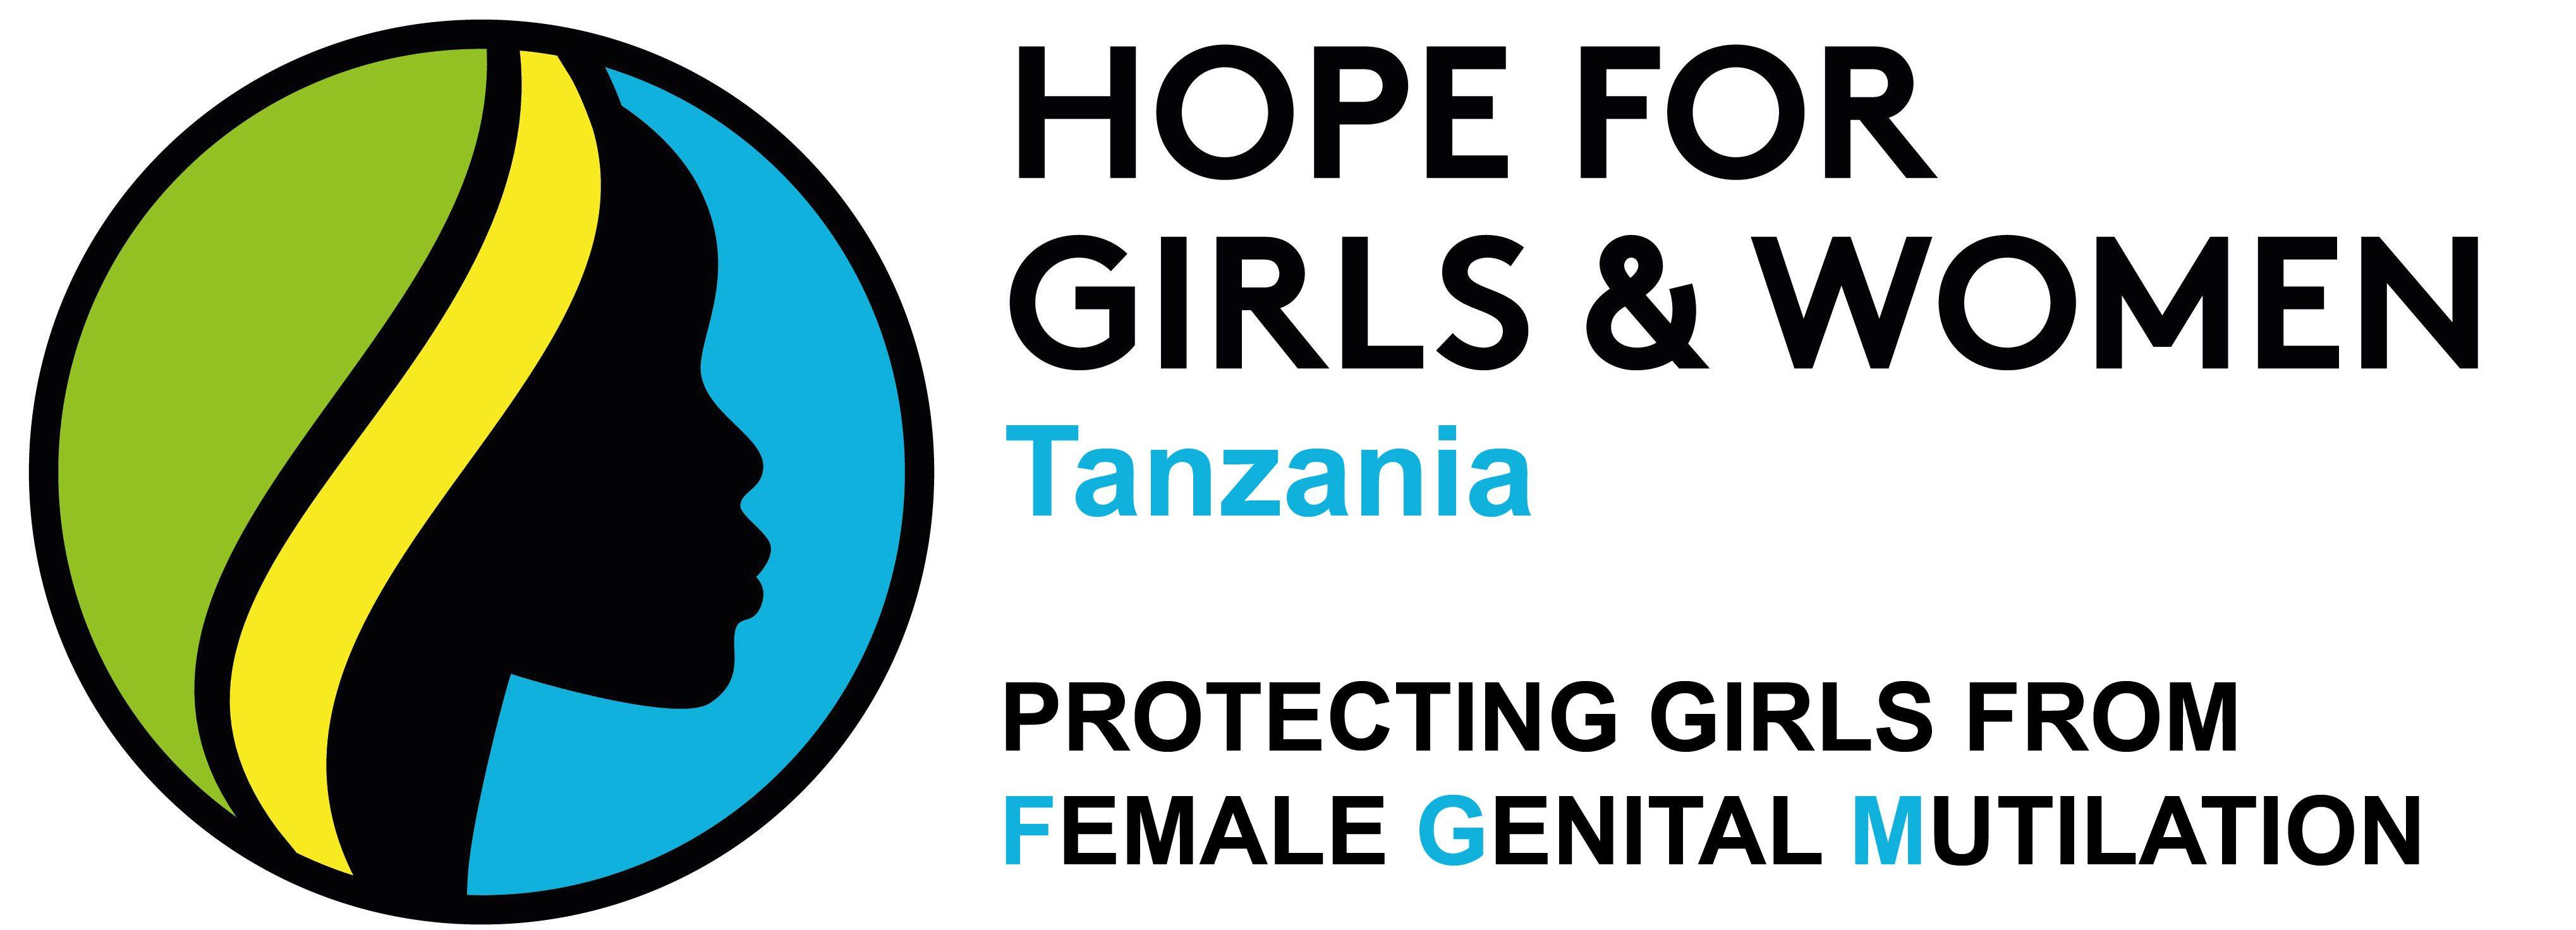 Hope for girls & women